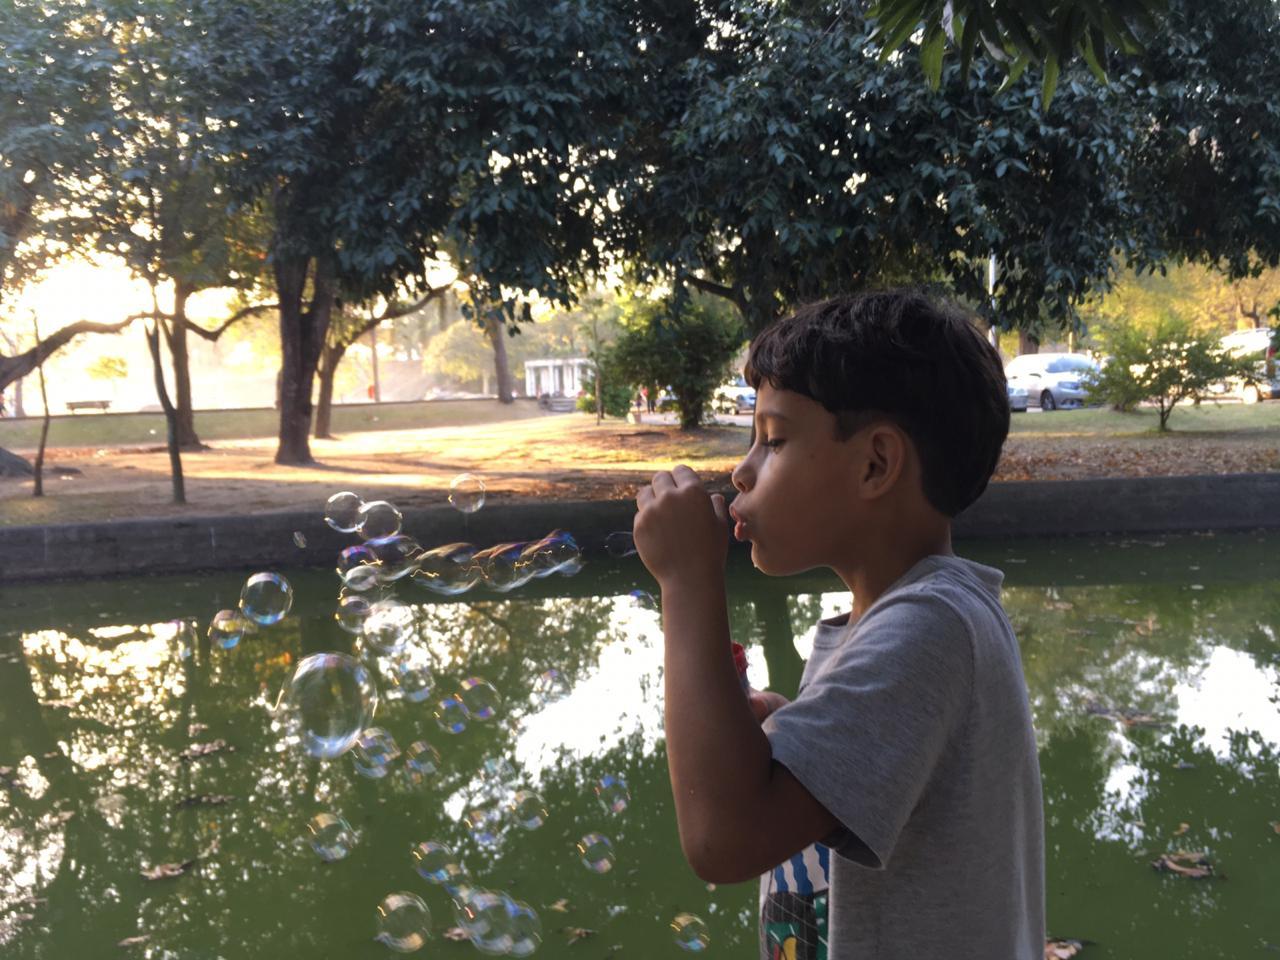 Menino sopra bolhas de sabão em frente a um lago